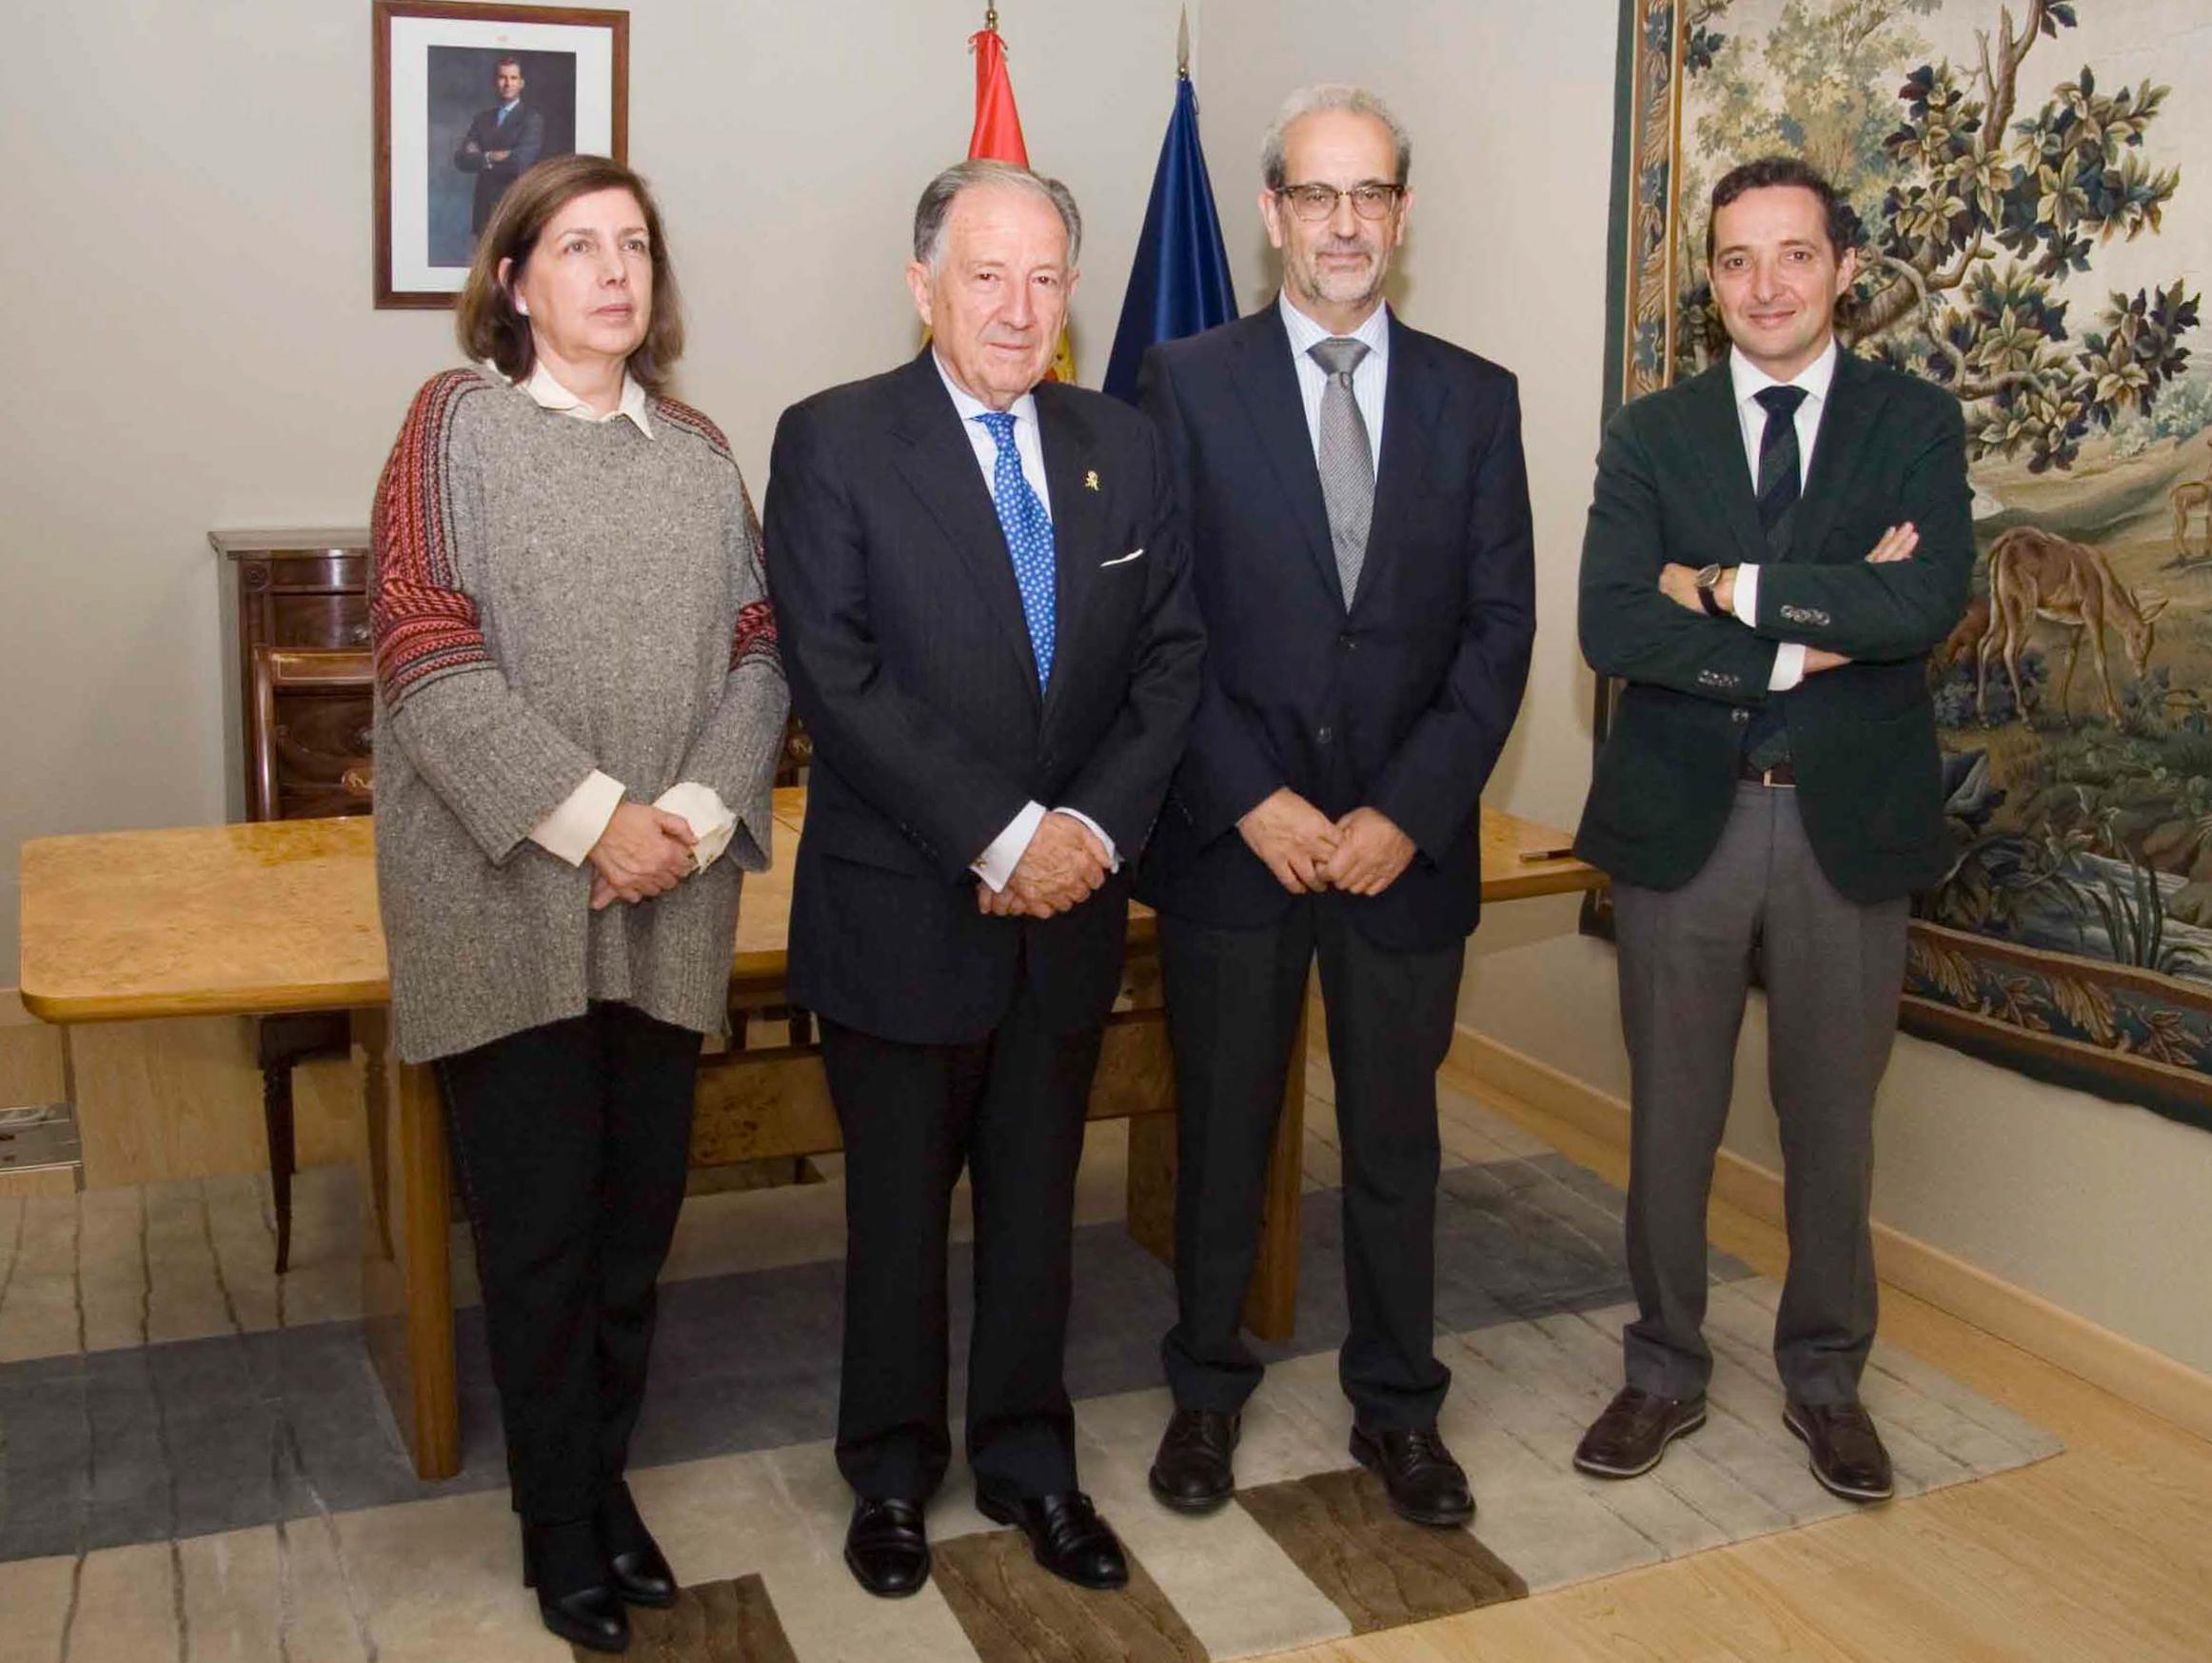 La Universidad de Salamanca y el Centro Nacional de Inteligencia suscriben un convenio de colaboración